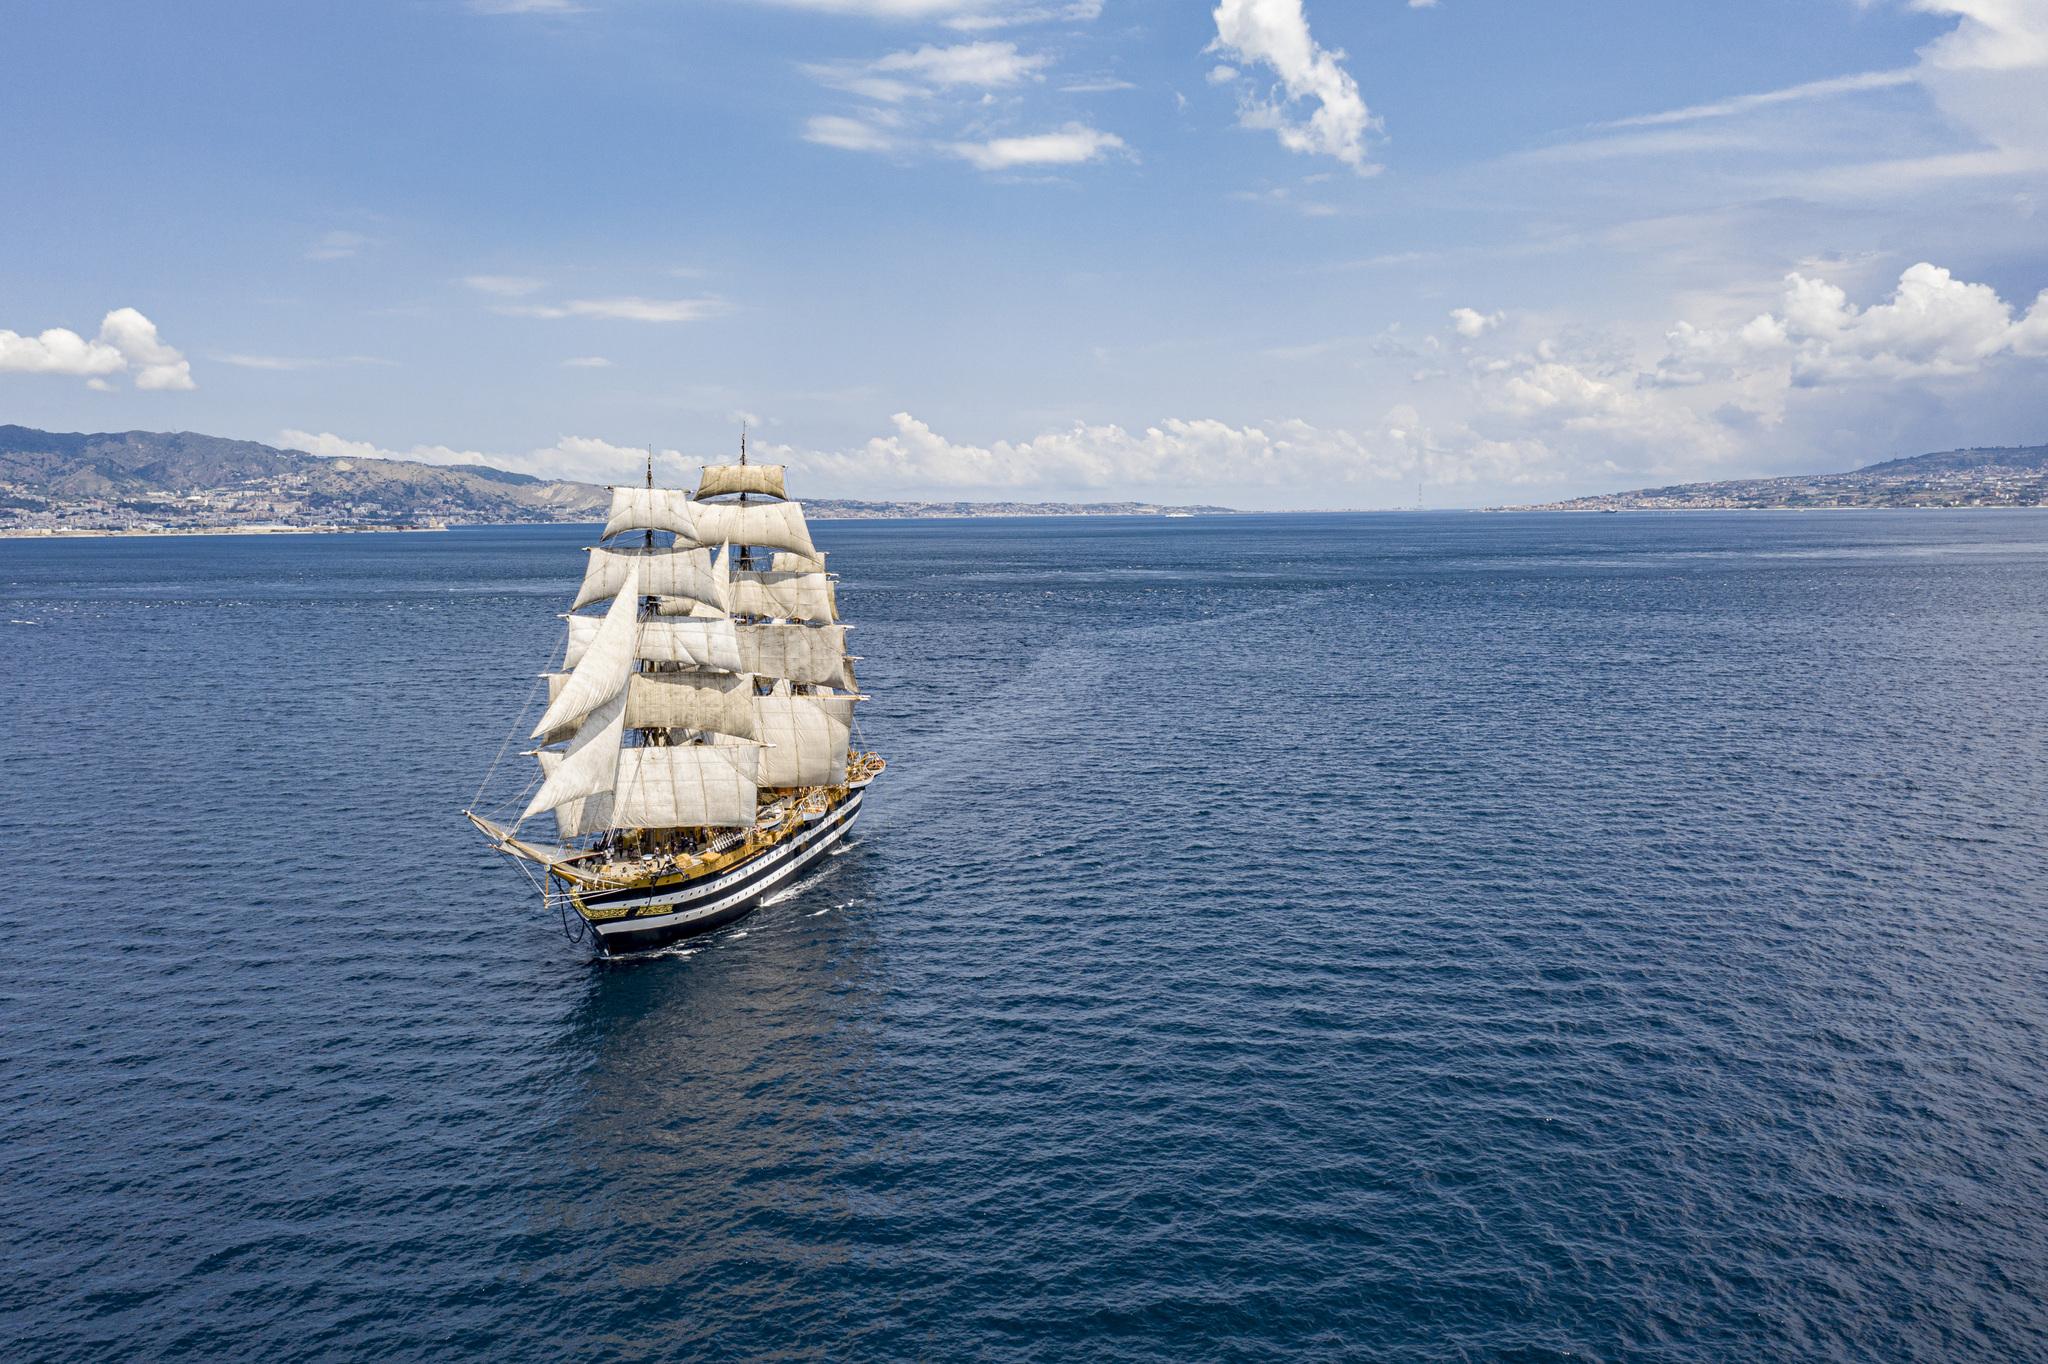 L'Amerigo Vespucci attraccata nello scalo marittimo civitavecchiese